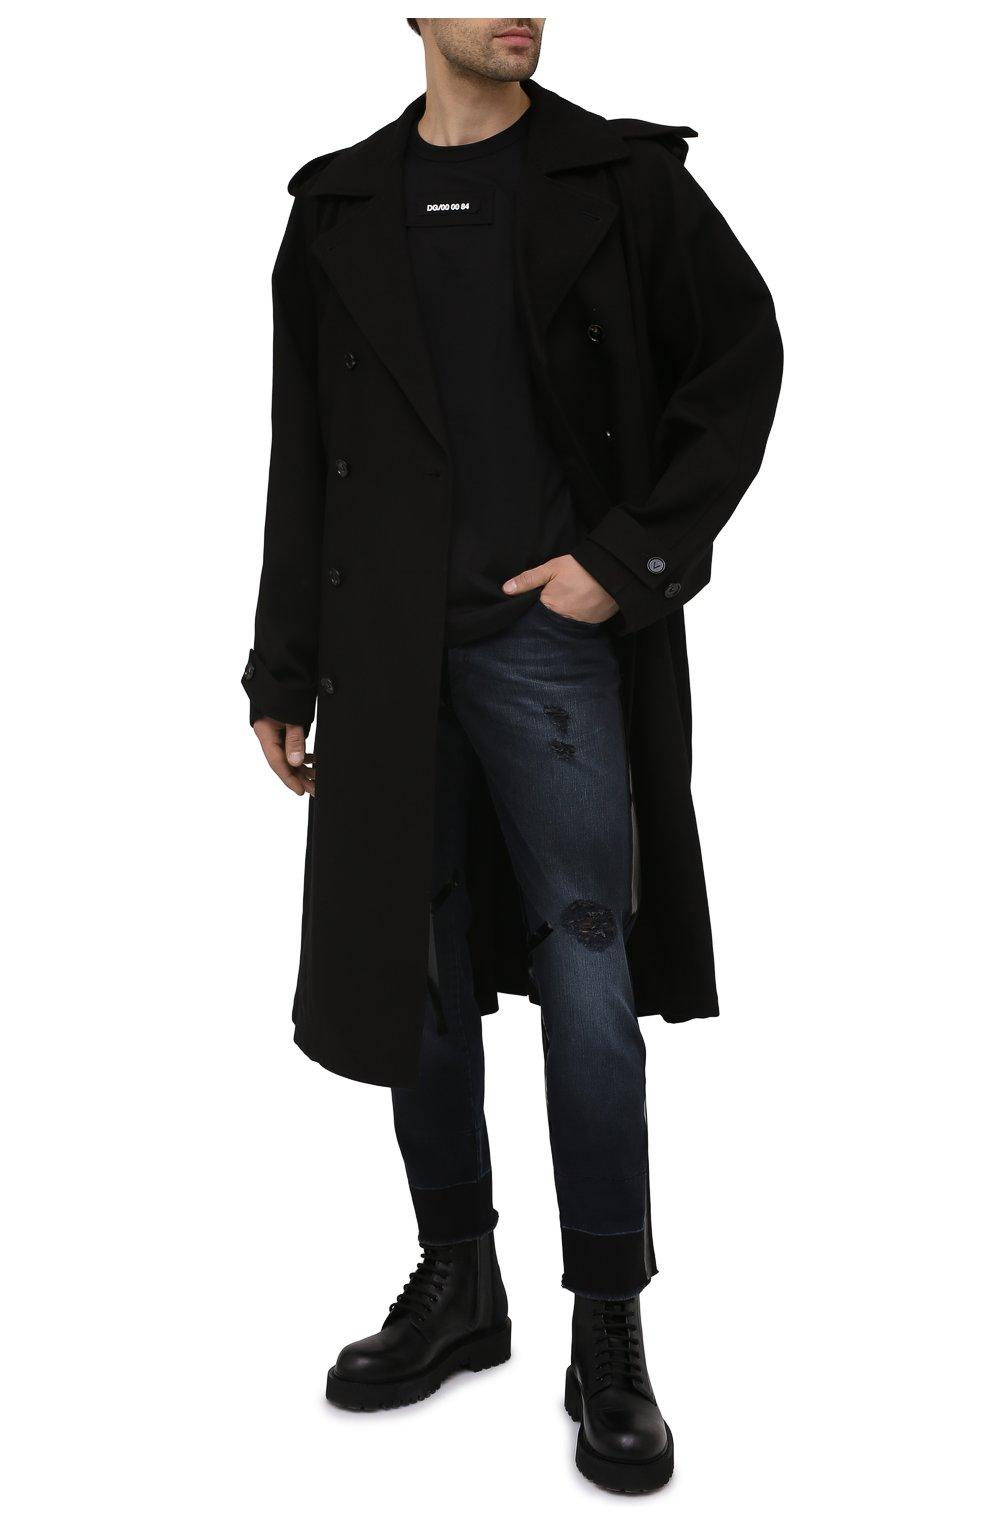 Мужская хлопковая футболка DOLCE & GABBANA черного цвета, арт. G8MW1Z/G7YIV | Фото 2 (Рукава: Короткие; Длина (для топов): Стандартные; Принт: С принтом; Стили: Милитари; Материал внешний: Хлопок)